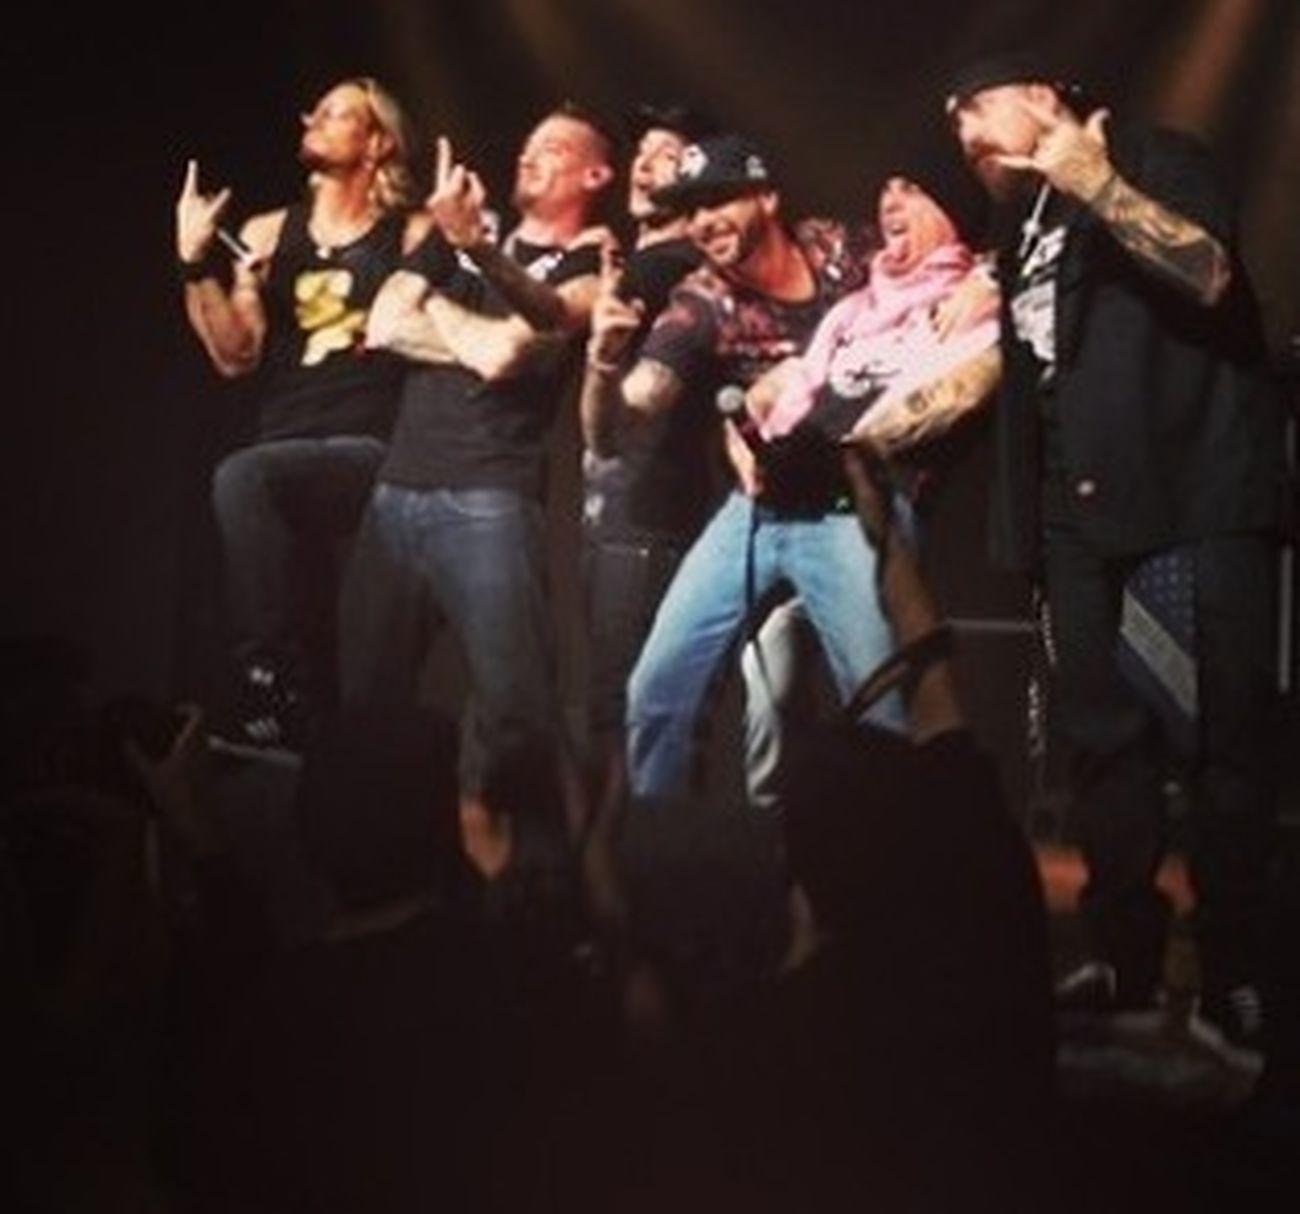 Concert Jax Gemelli Diversi Disco vi amo! Sul palco con voi, parlarvi e fare le foto con voi un ONORE